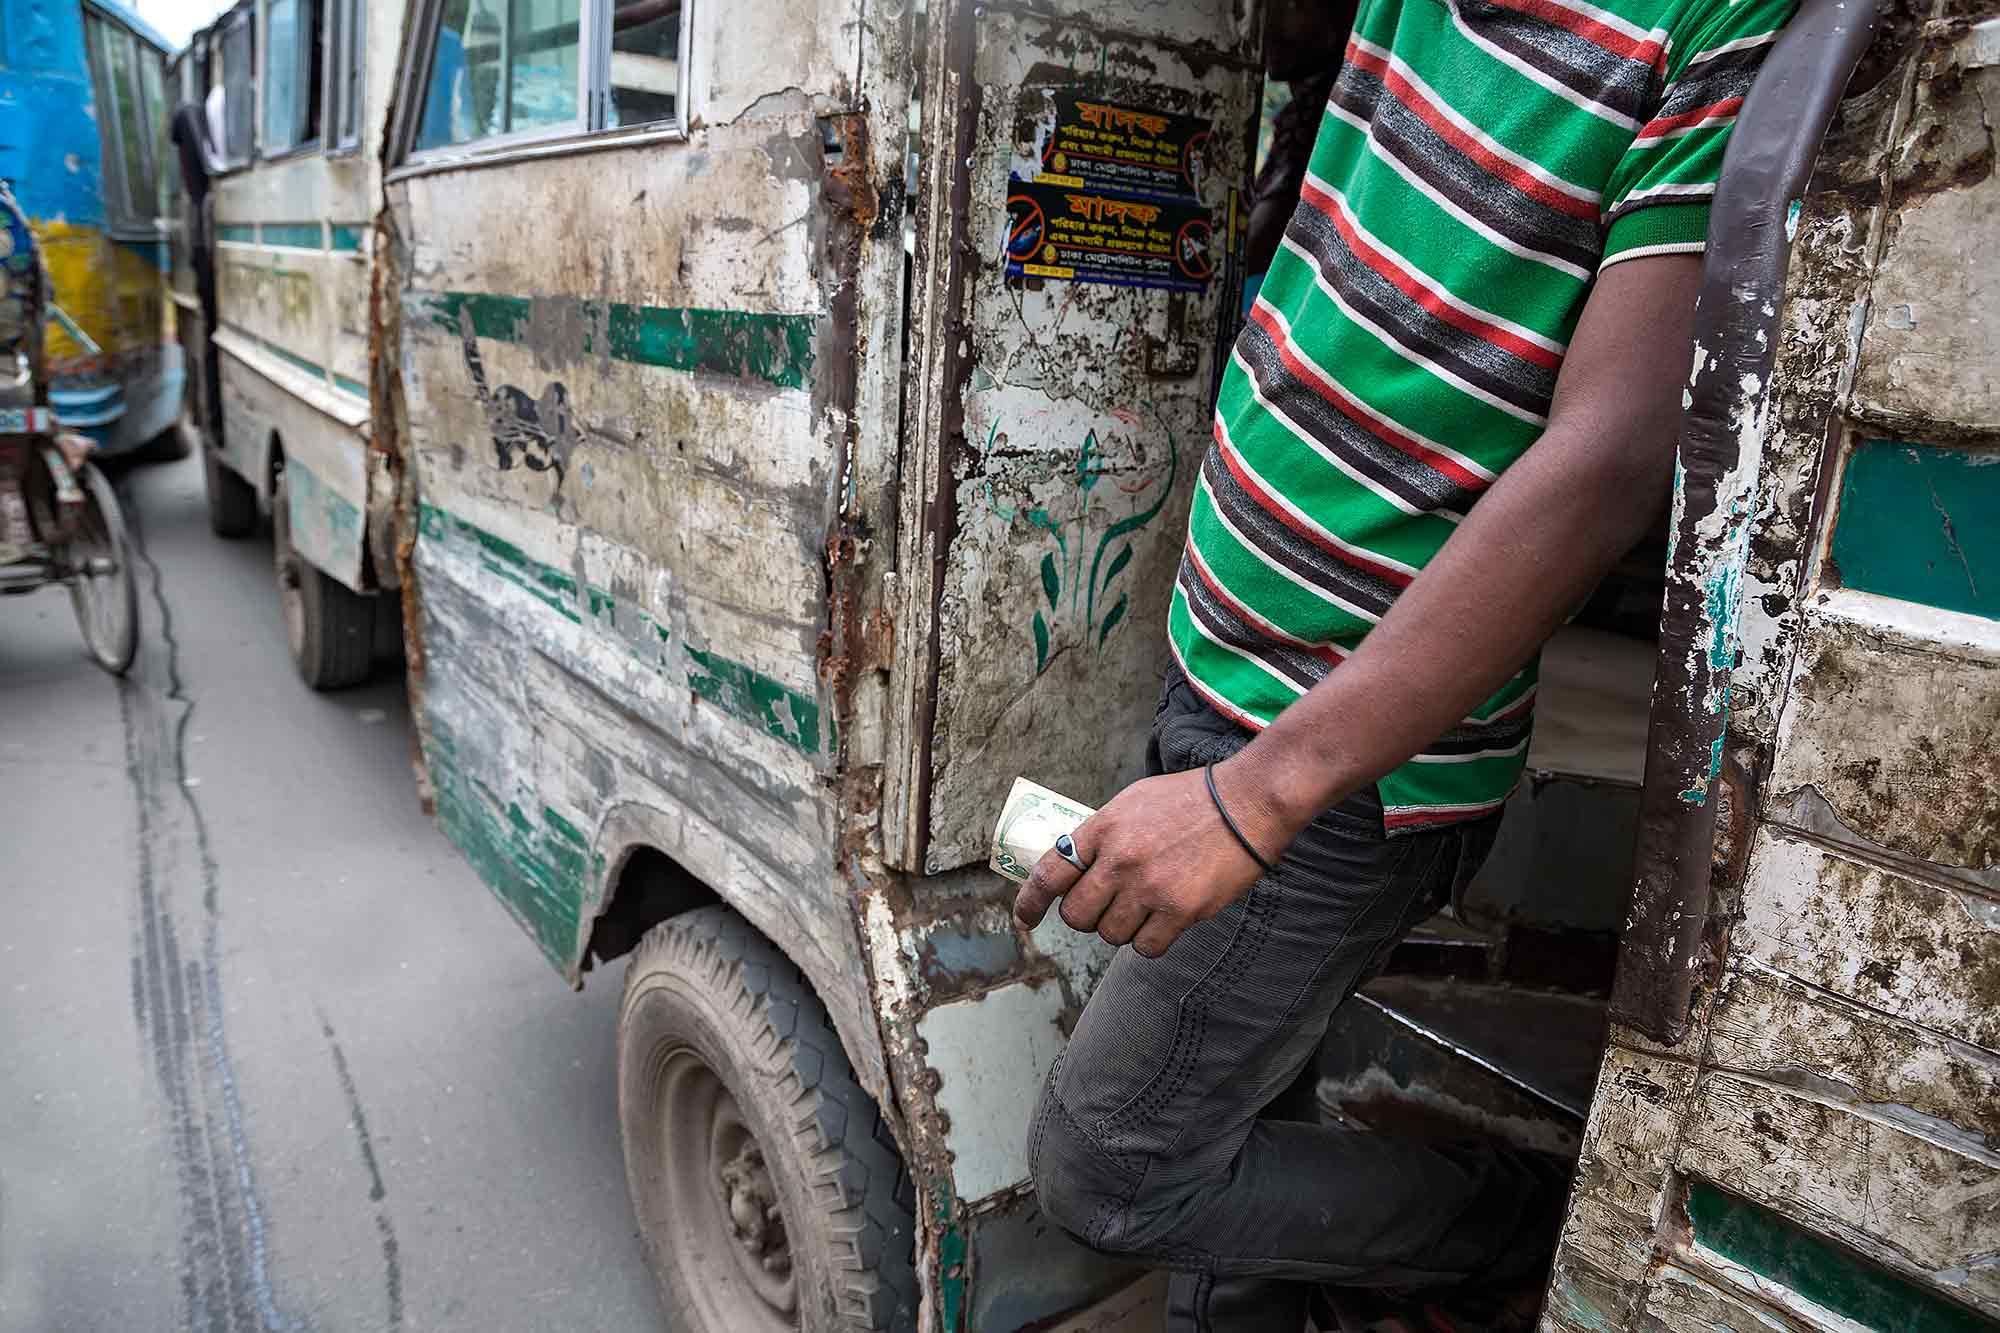 Bus transport in Dhaka, Bangladesh. © Ulli Maier & Nisa Maier